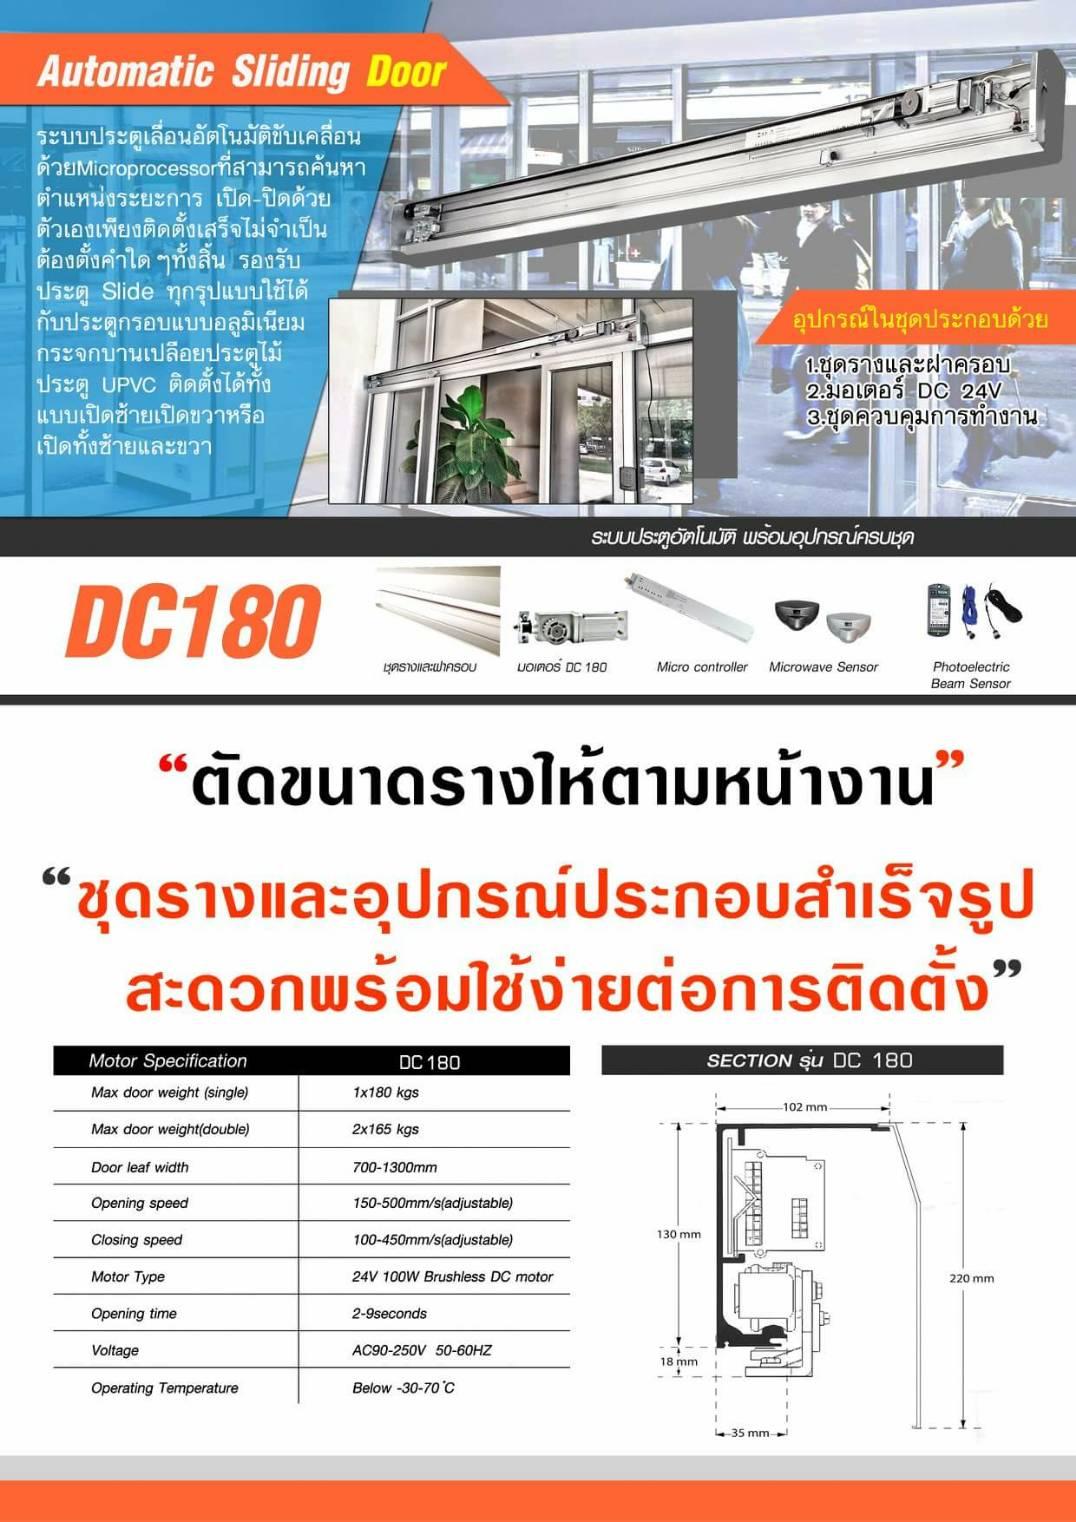 ประตูอัตโนมัติ DC180